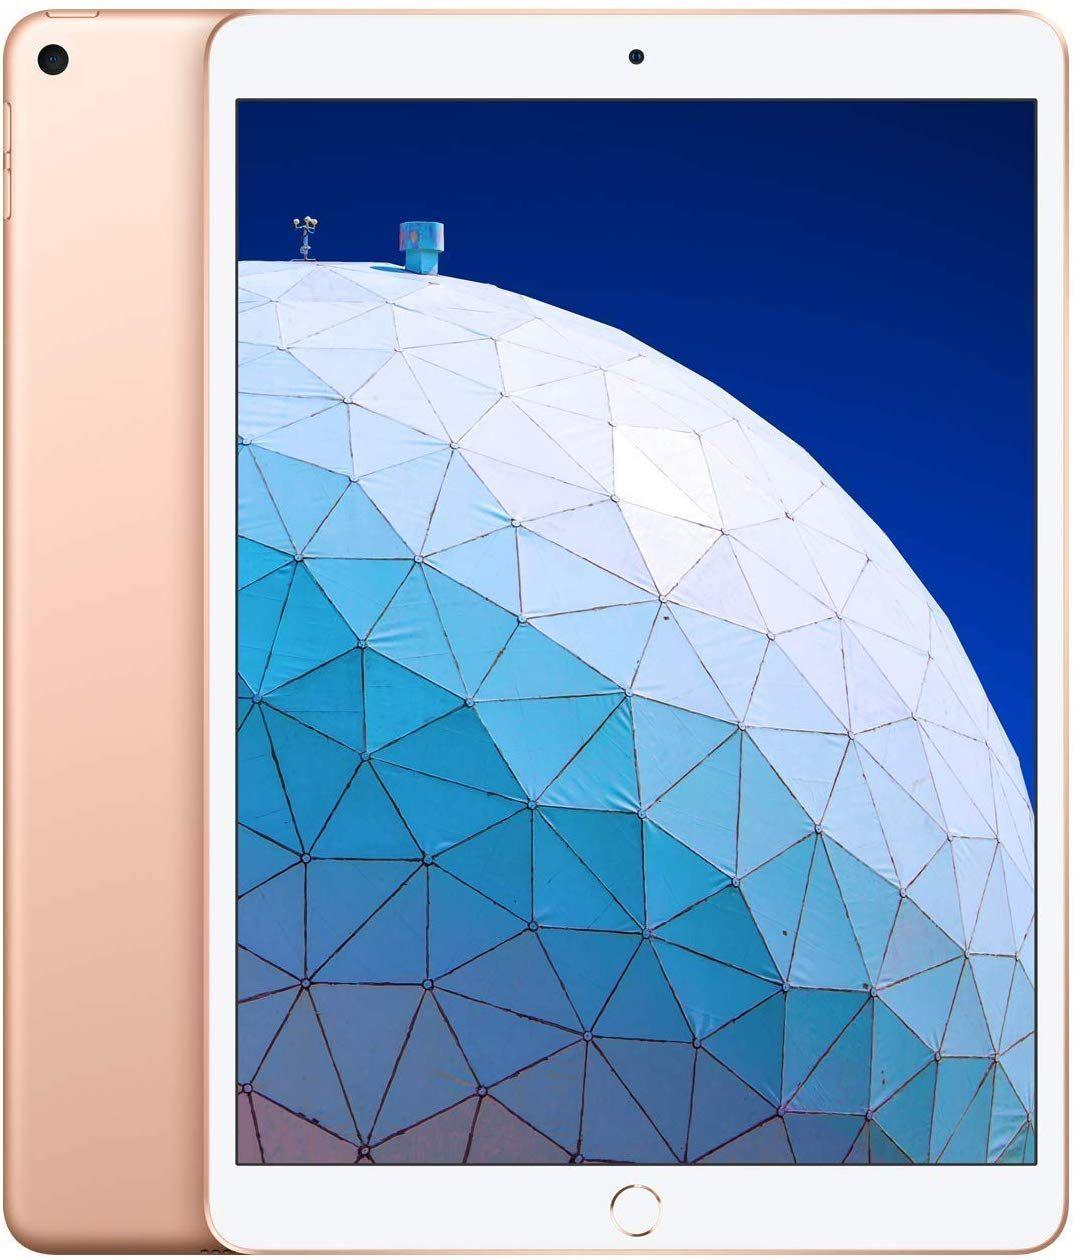 iPad air 3 (Reacondicionado)